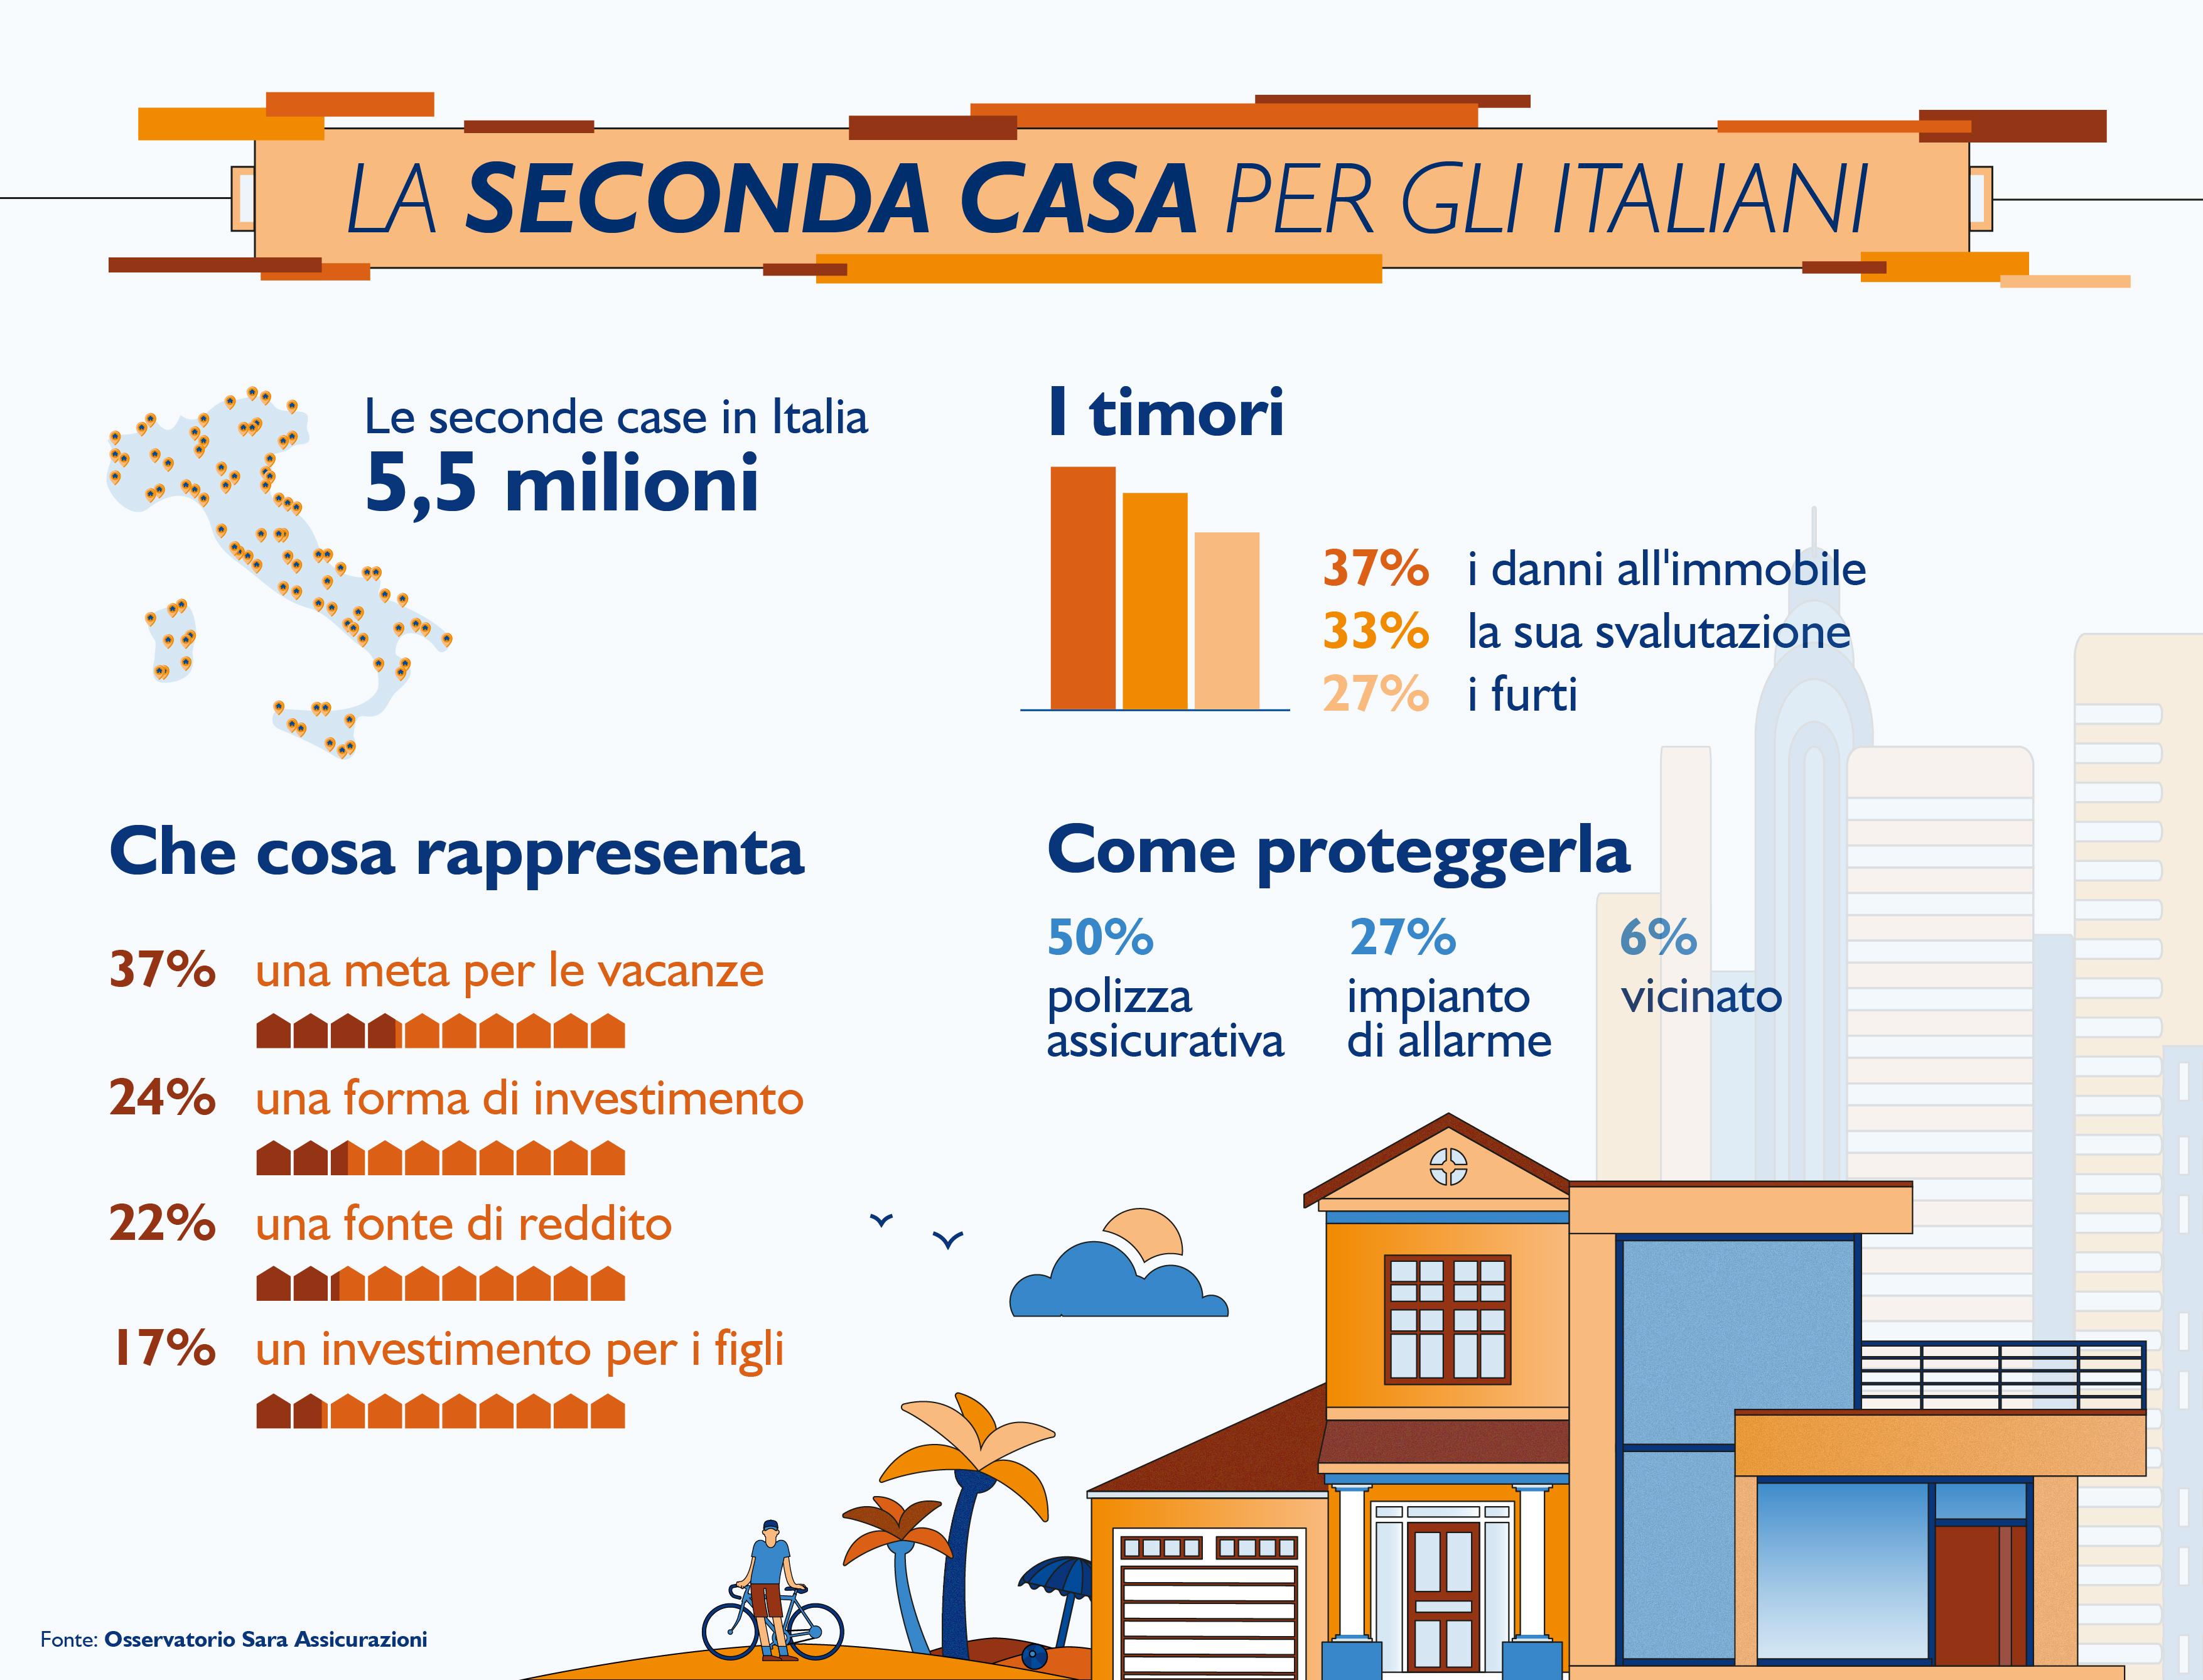 Seconda casa: per gli italiani � una forma di investimento